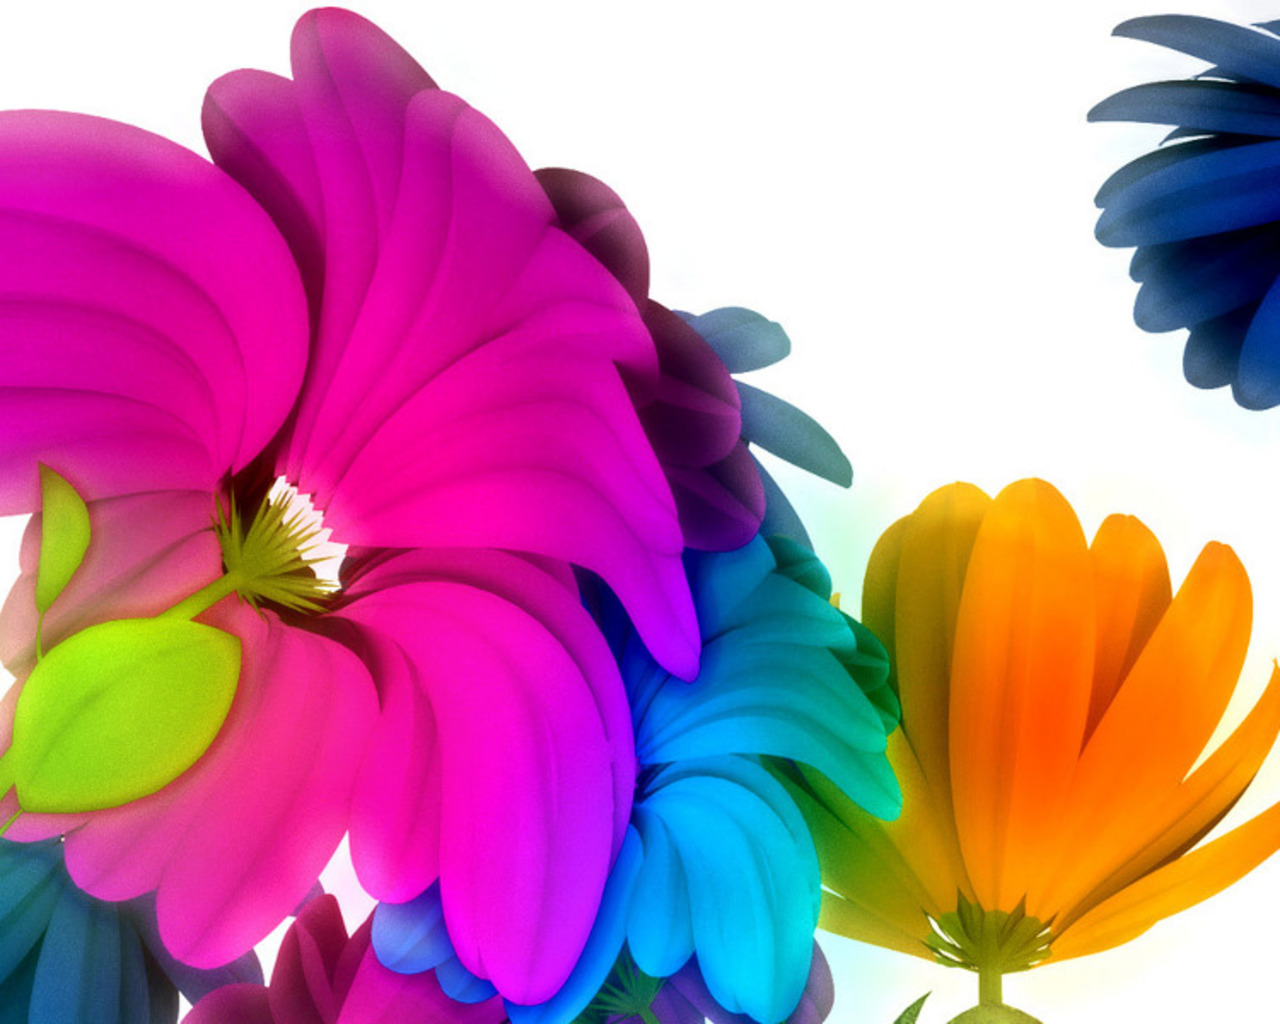 Imagem De Fundo   Flores Em V  Rias Cores Em Fundo Branco